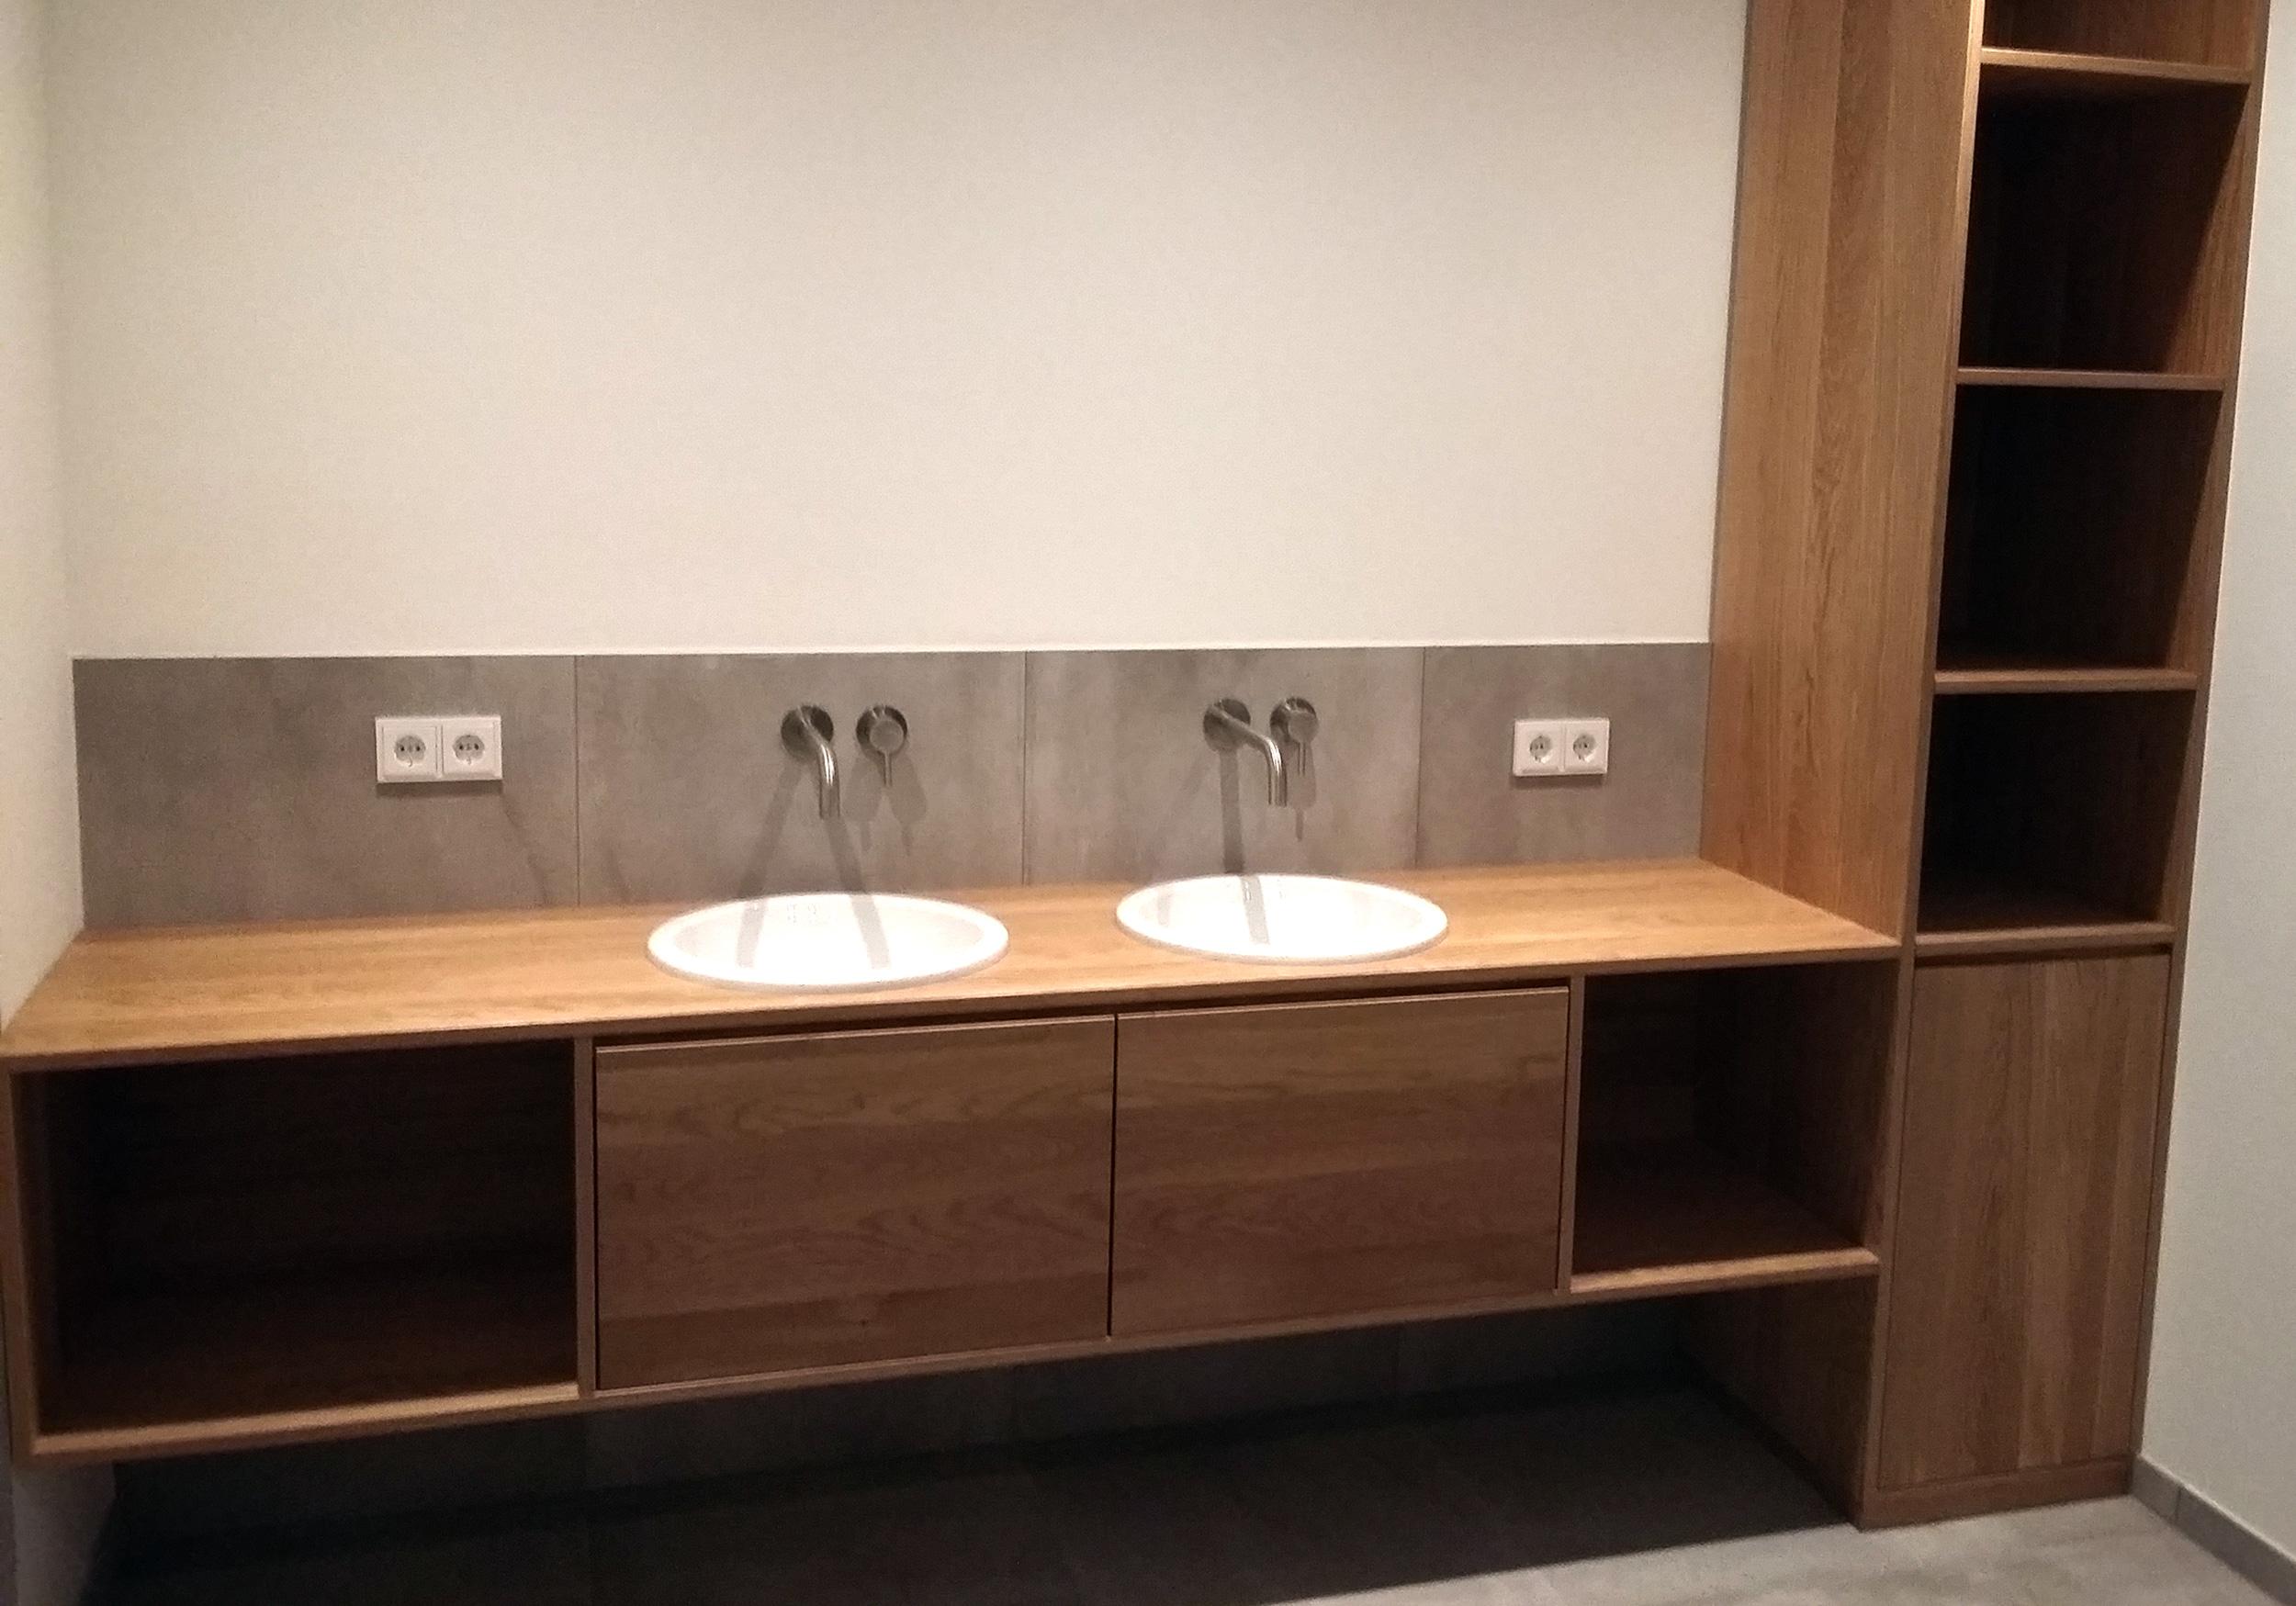 Planung Sanitär Waschtischvariante in einem Einfamilienhaus in Ahrenshoop